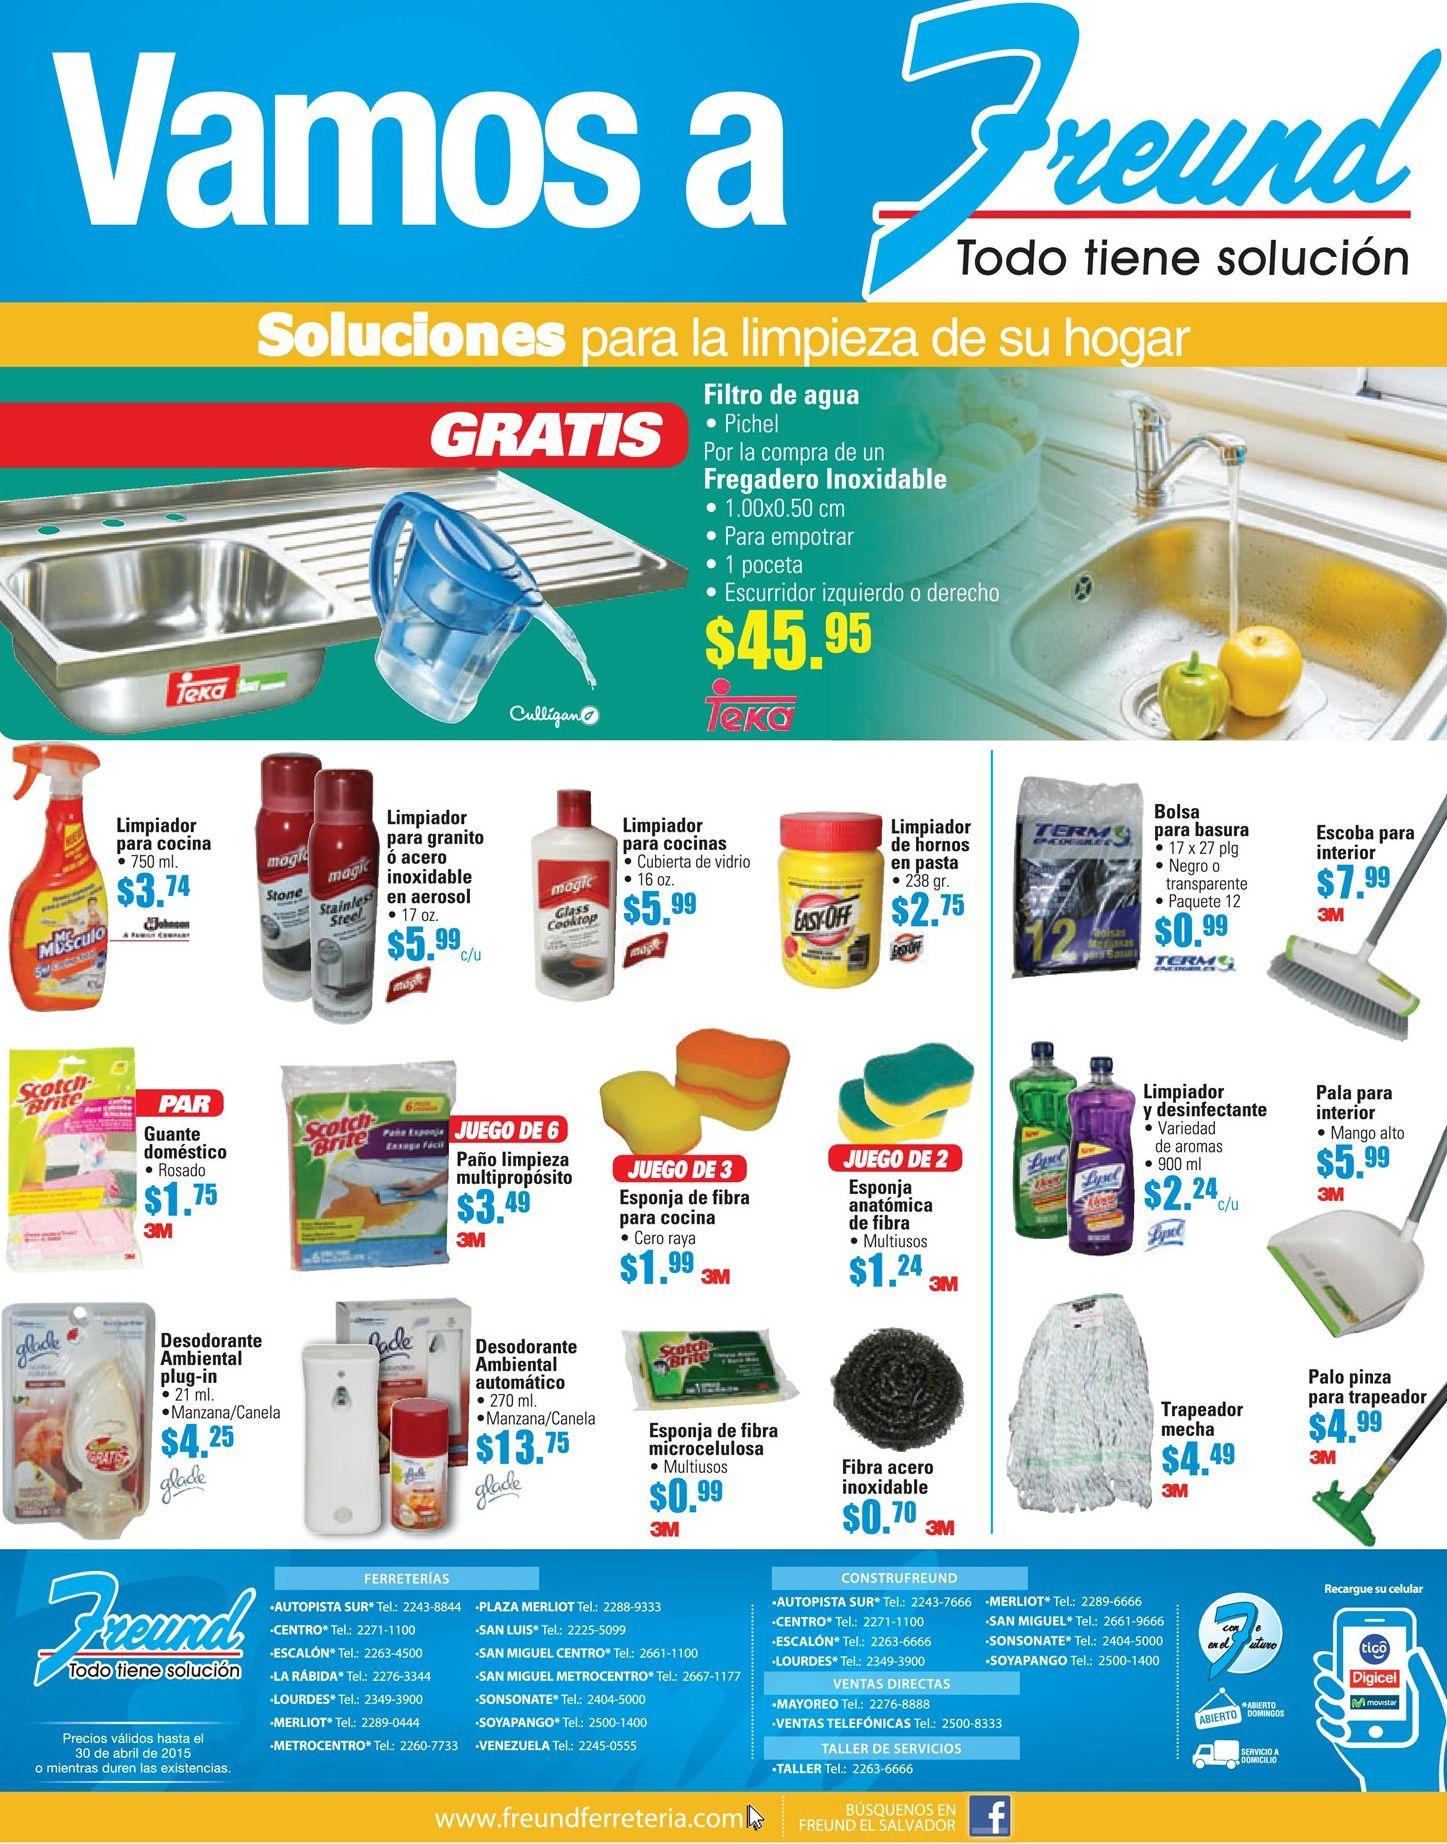 Freund venta de productos para limpieza de su hogar y for Productos de limpieza para cocina